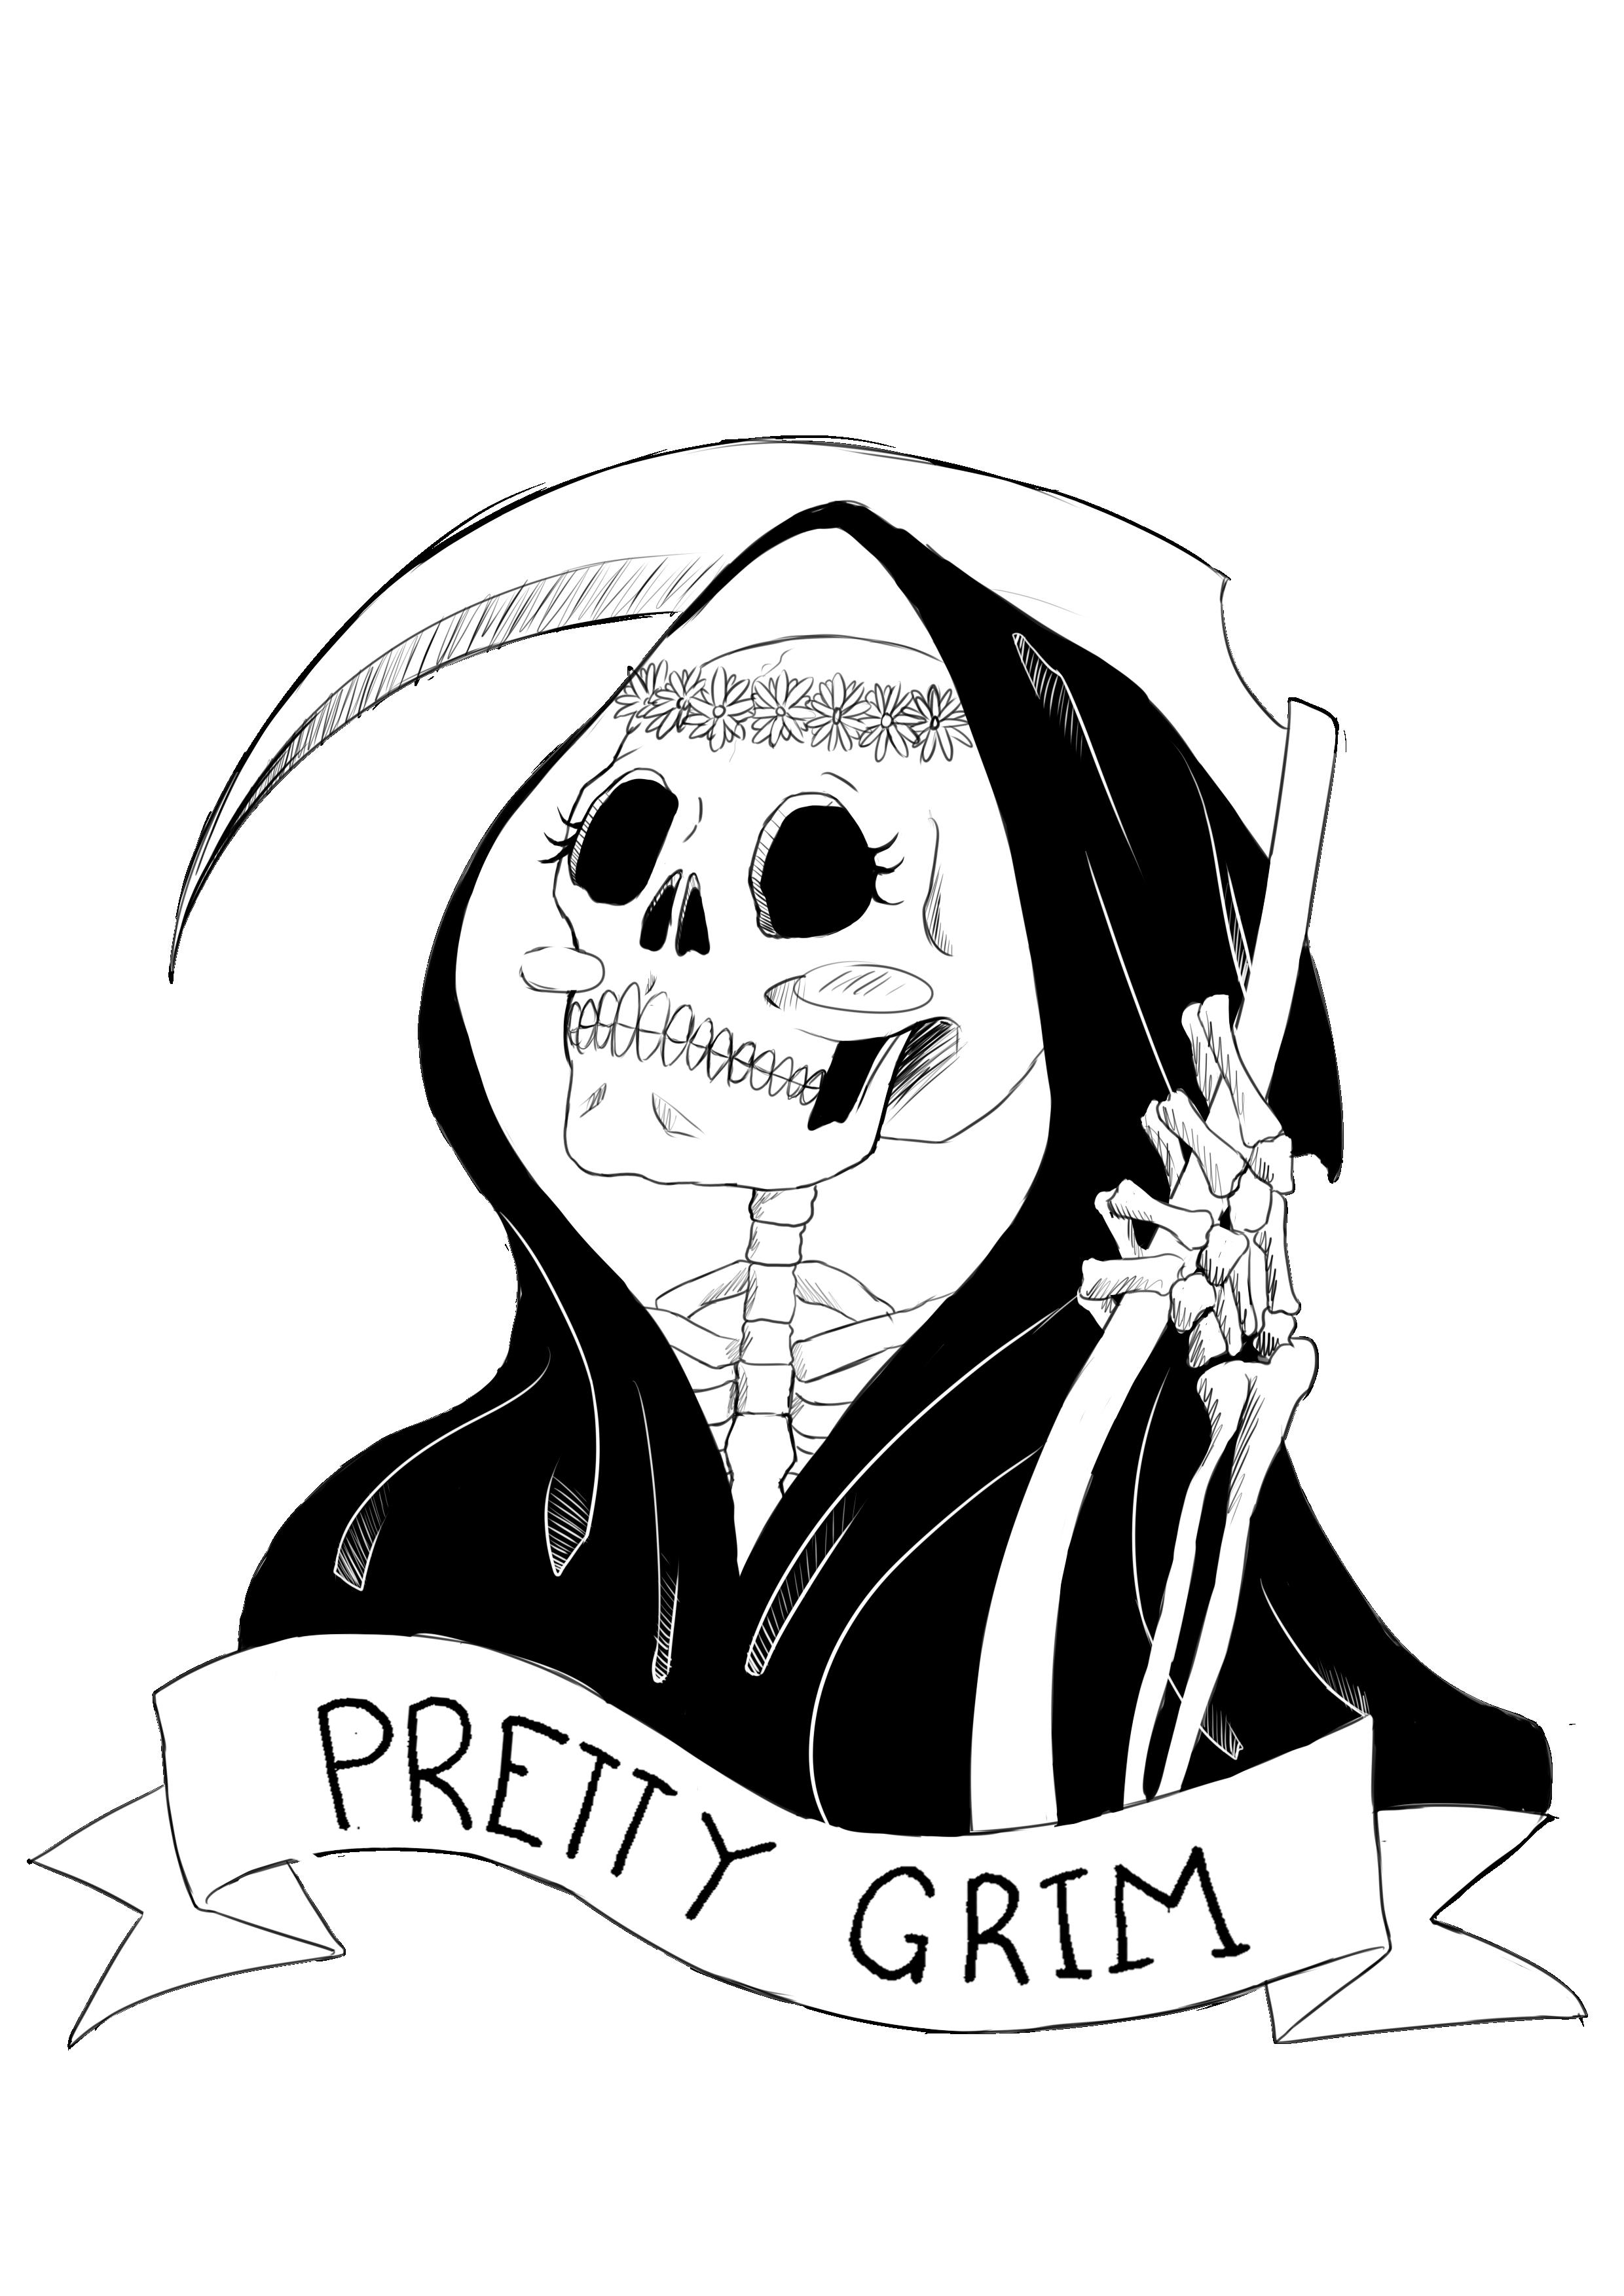 Pretty Grim